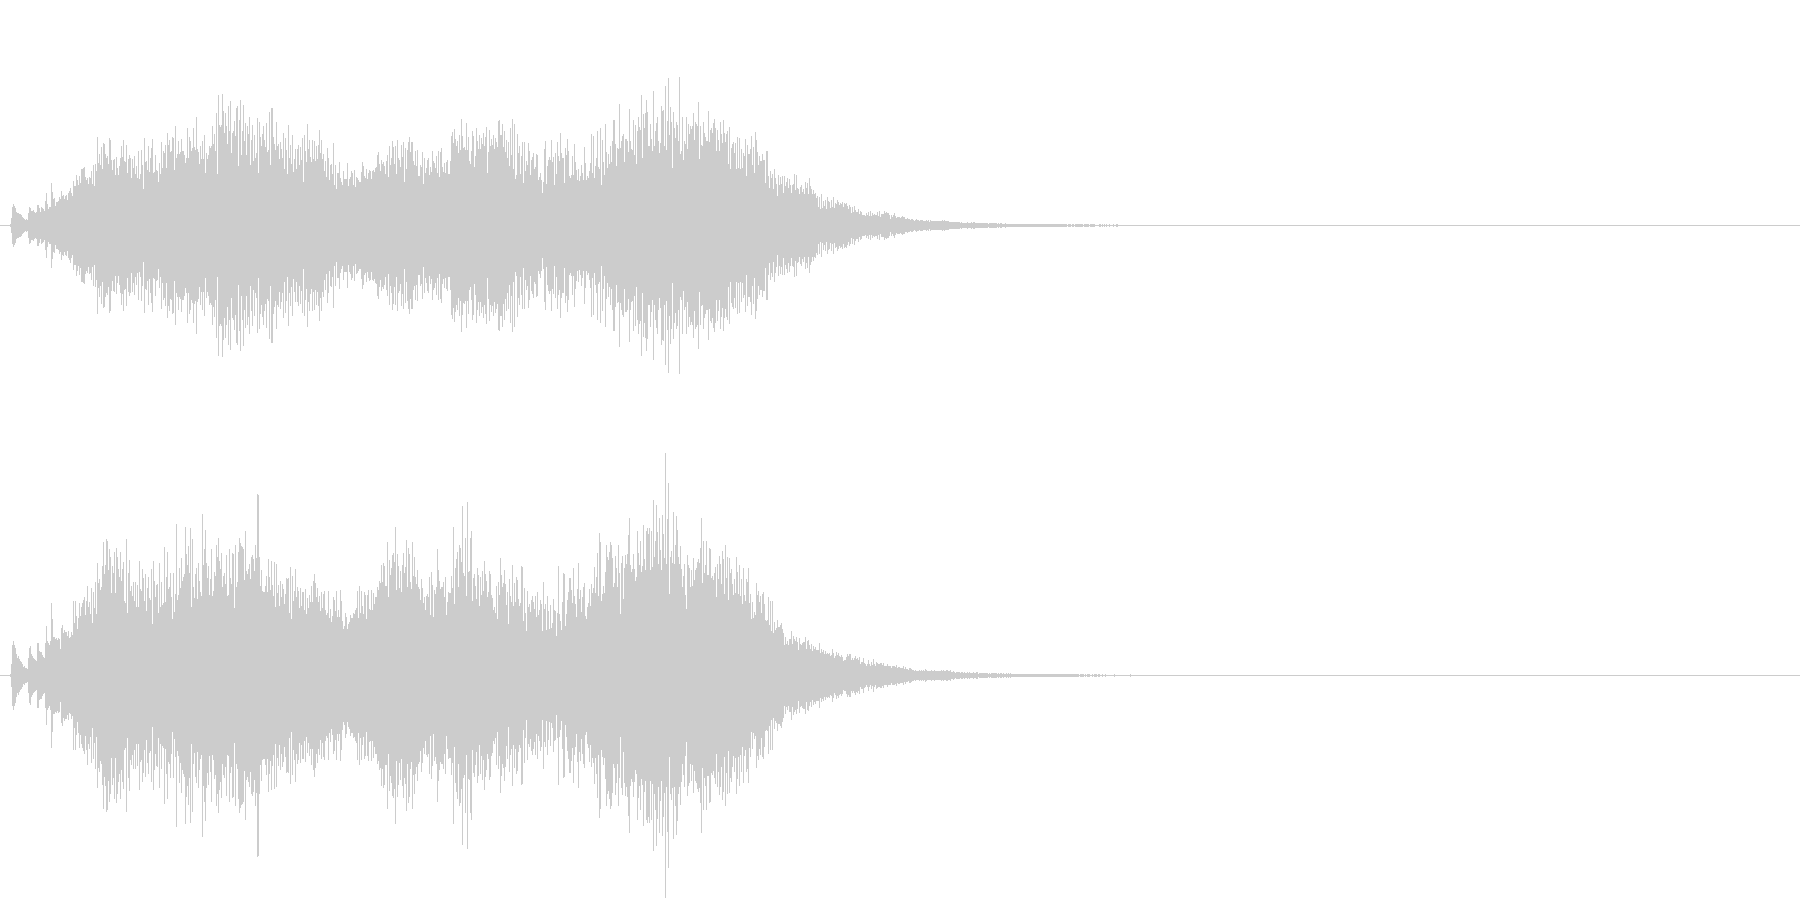 ハープ 魔法 キラキラ 泉 場面転換 2の未再生の波形